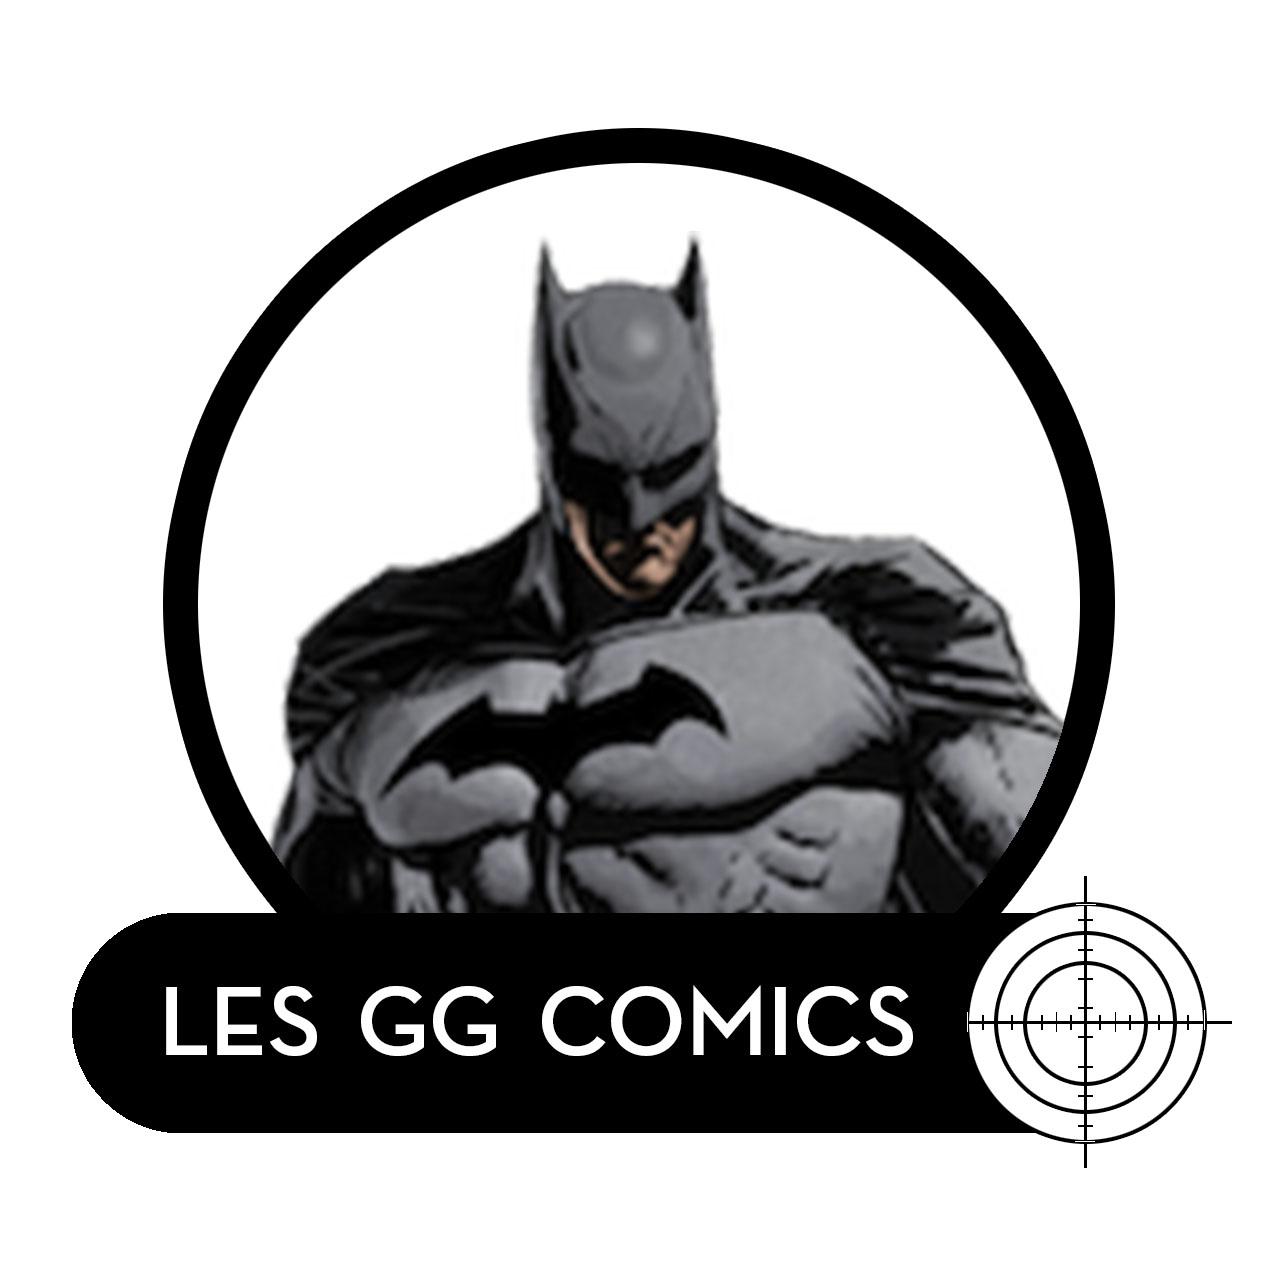 Les GG comics - HS8 : ITW de Mikel Janin [Comic Con Paris 2019]